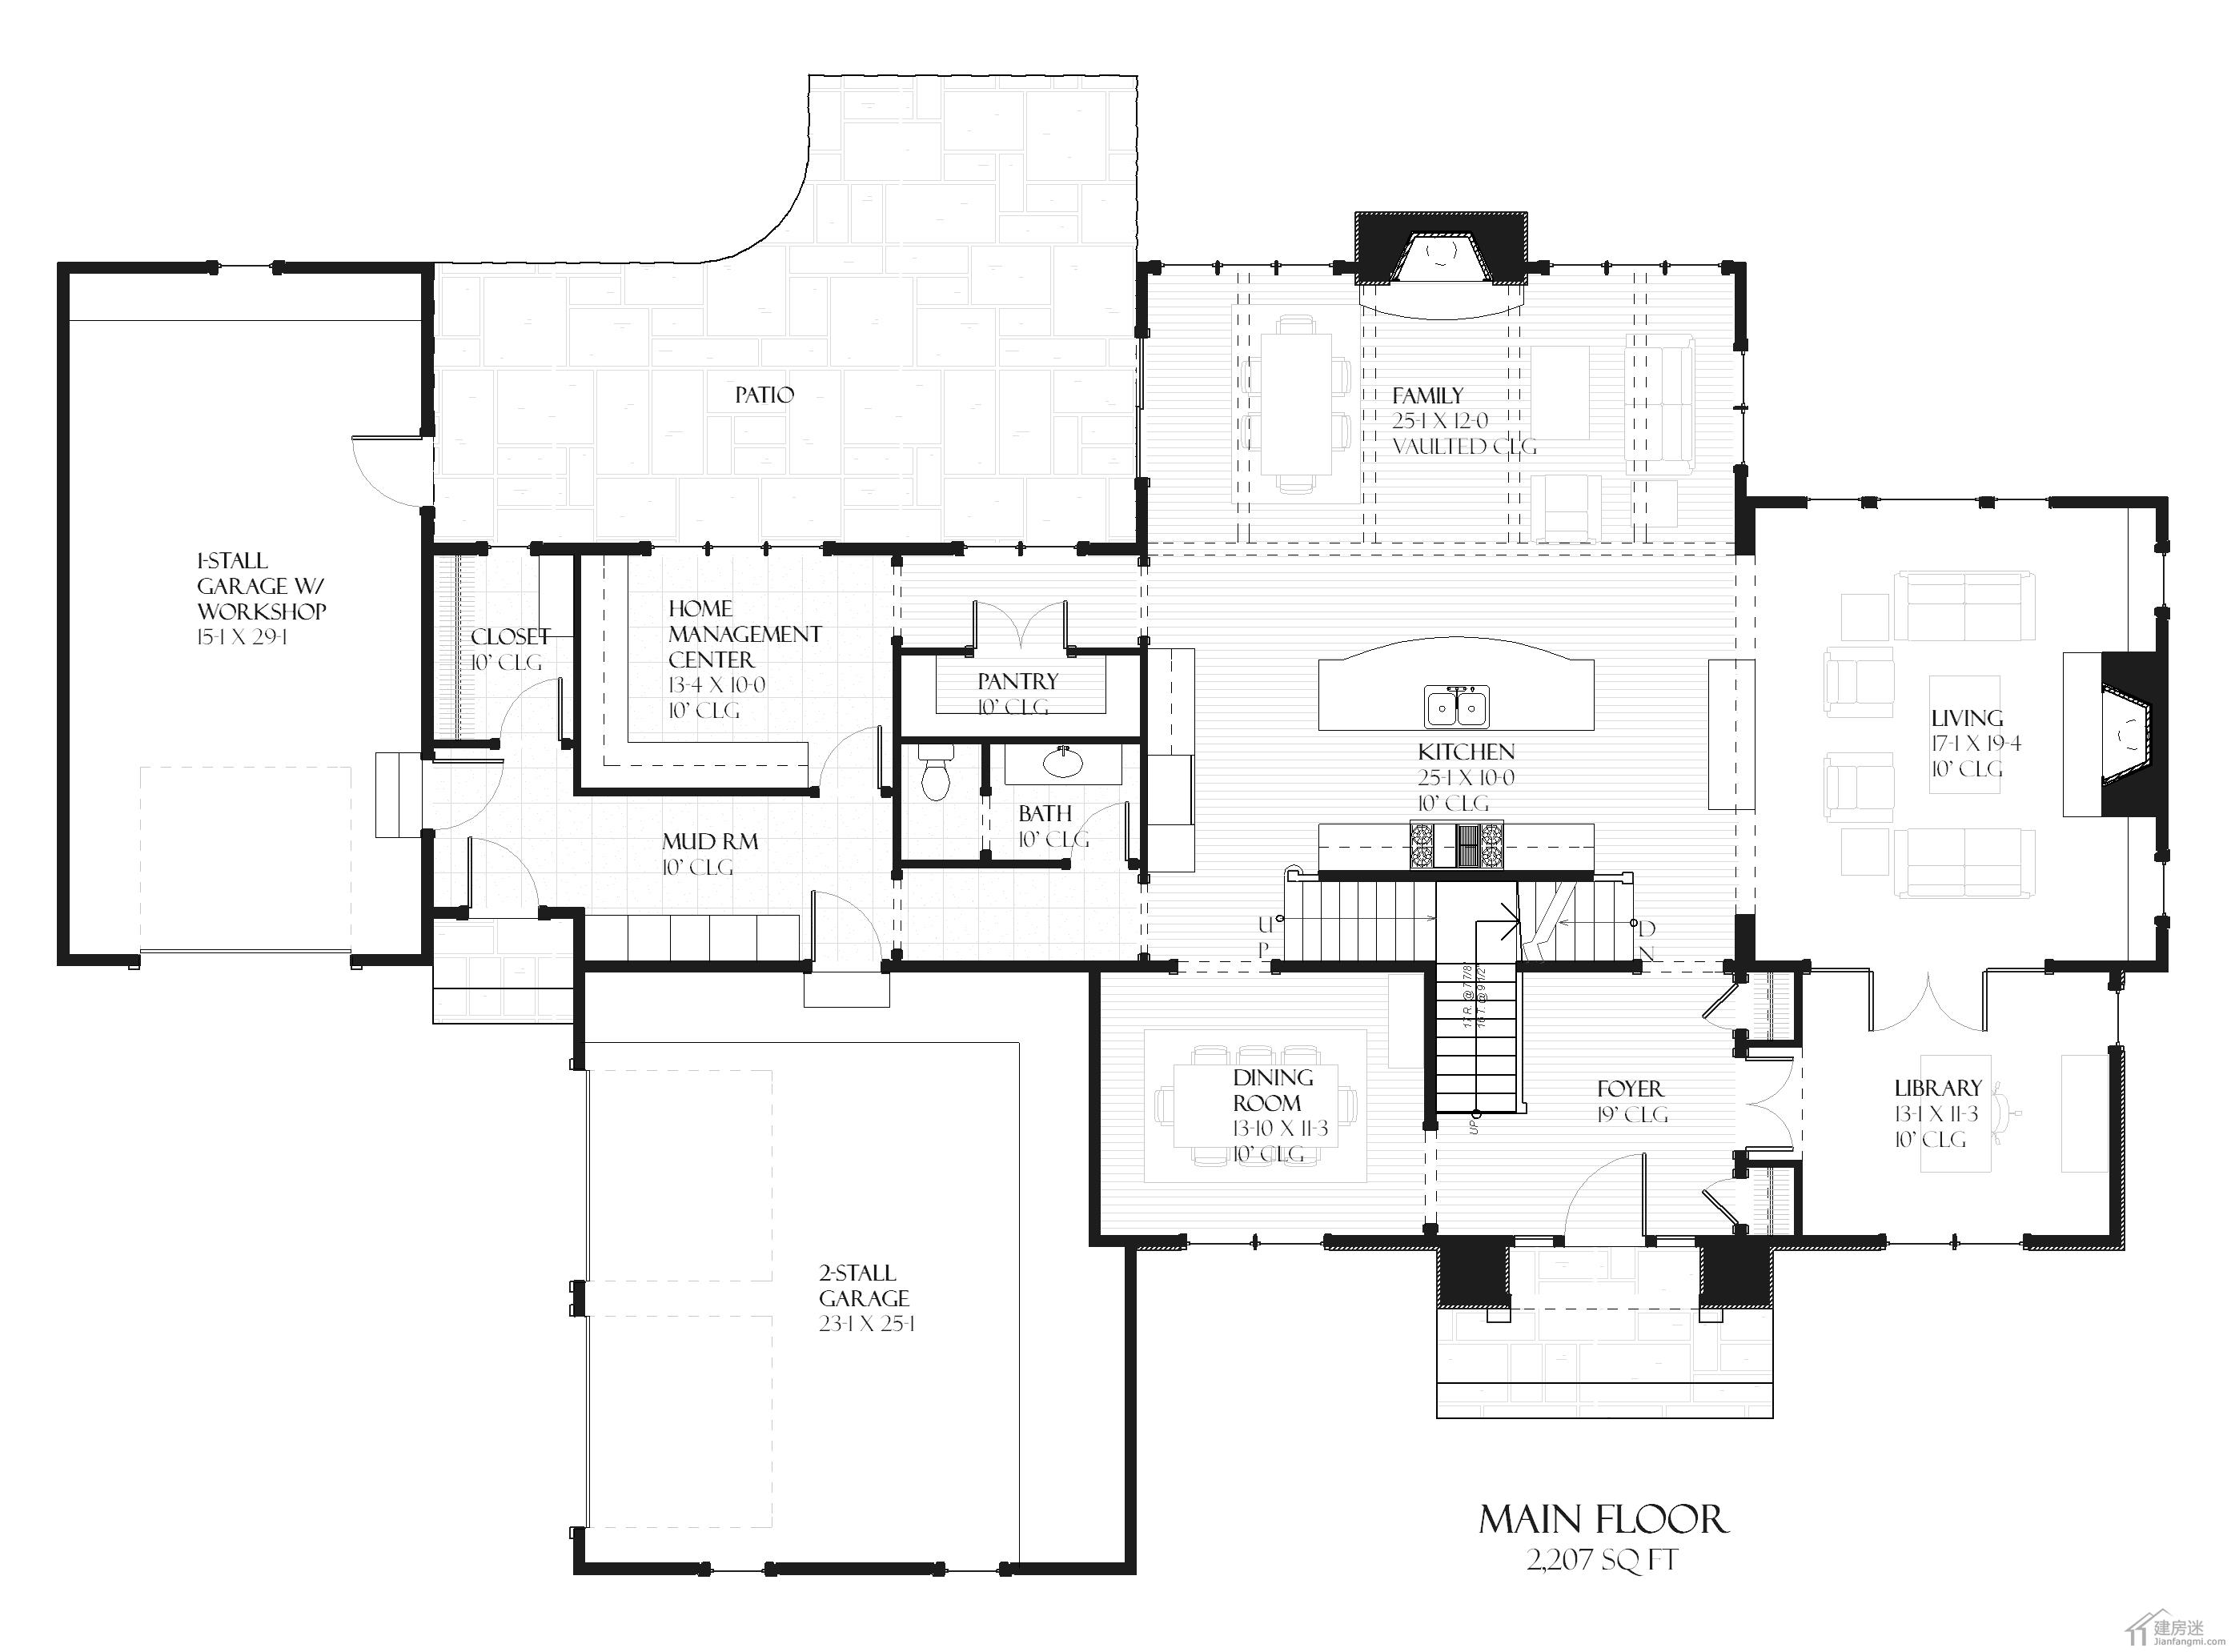 新农村自建房设计图500平米27米x18米两层半地下室还